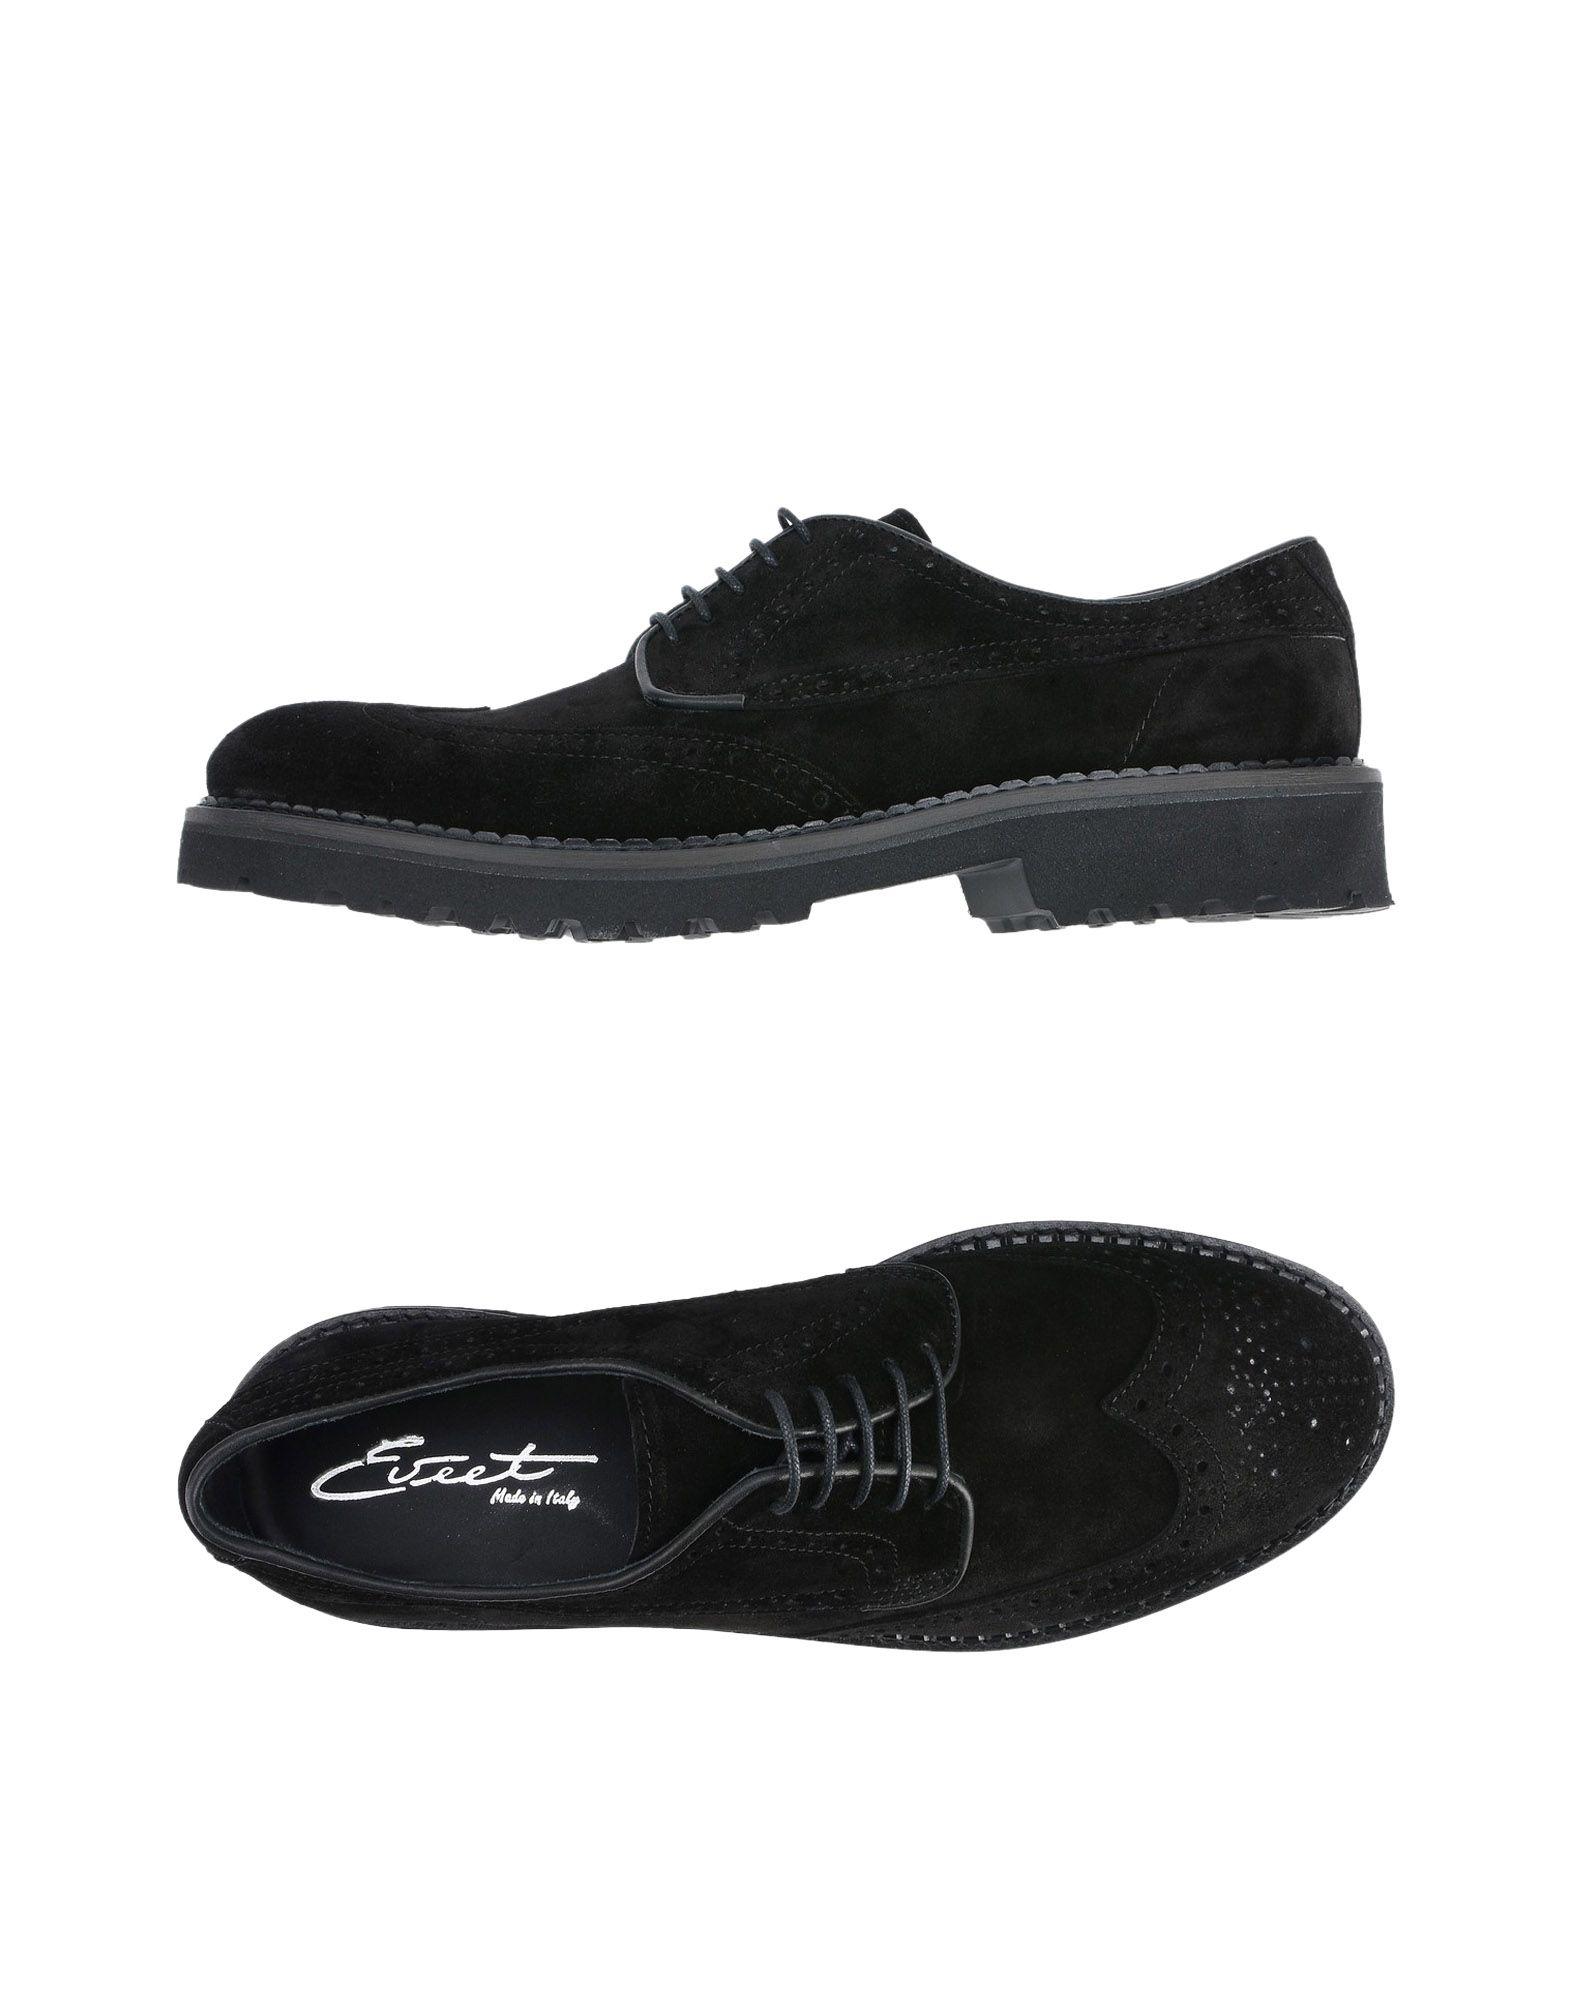 Eveet Schnürschuhe Herren  11423961EP Heiße Schuhe